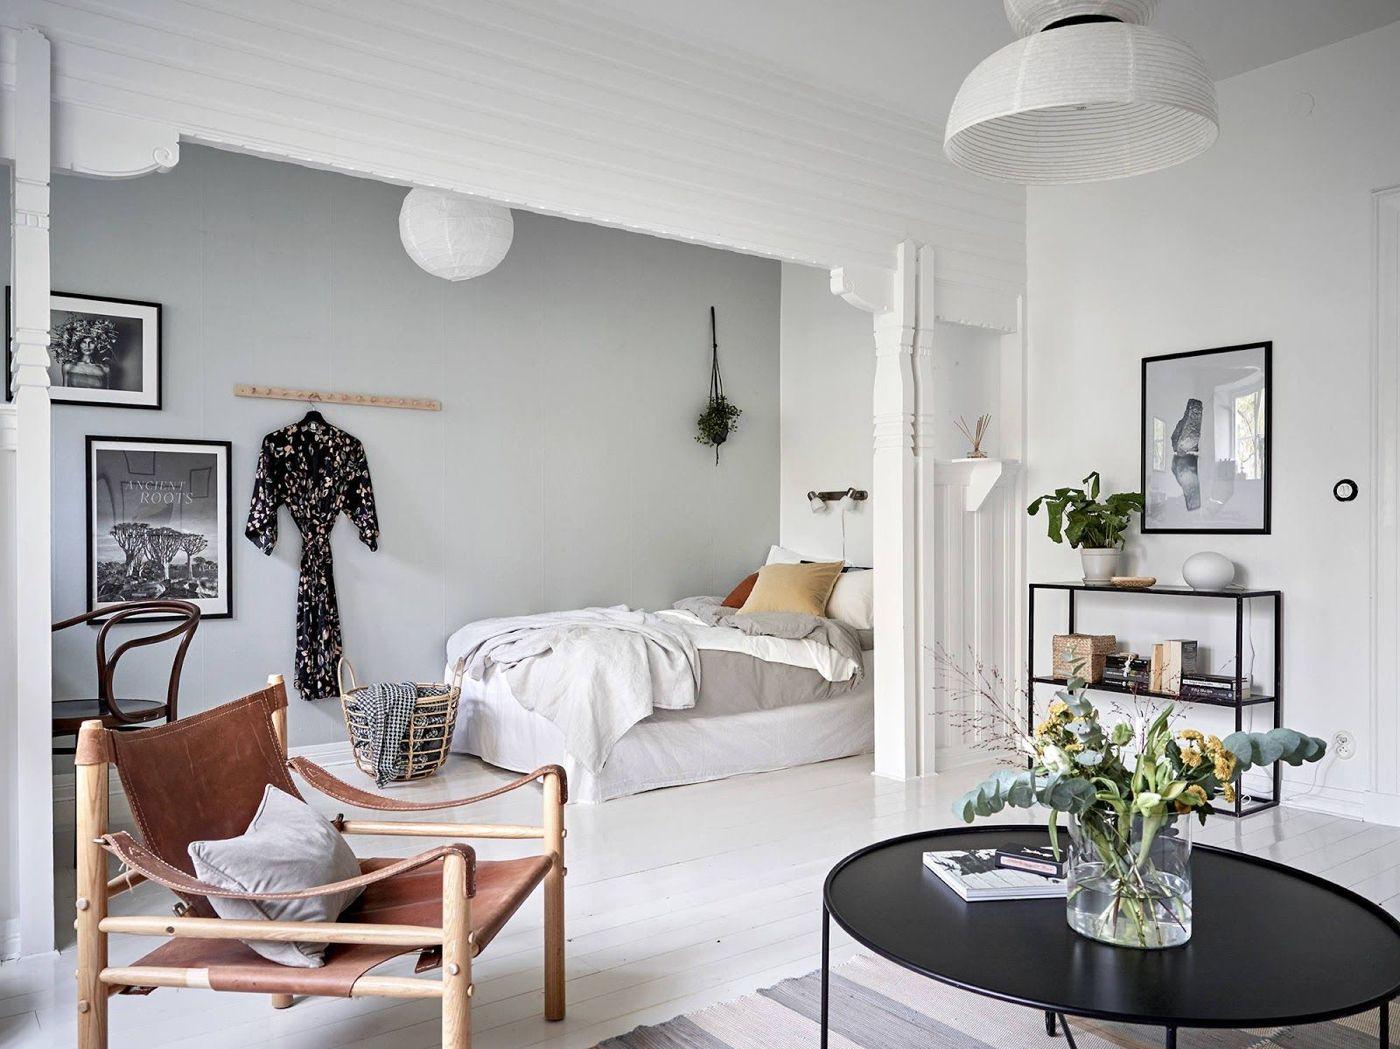 Einrichtungsbeispiele Fur Wohn Und Schlafzimmer In Einem Raum